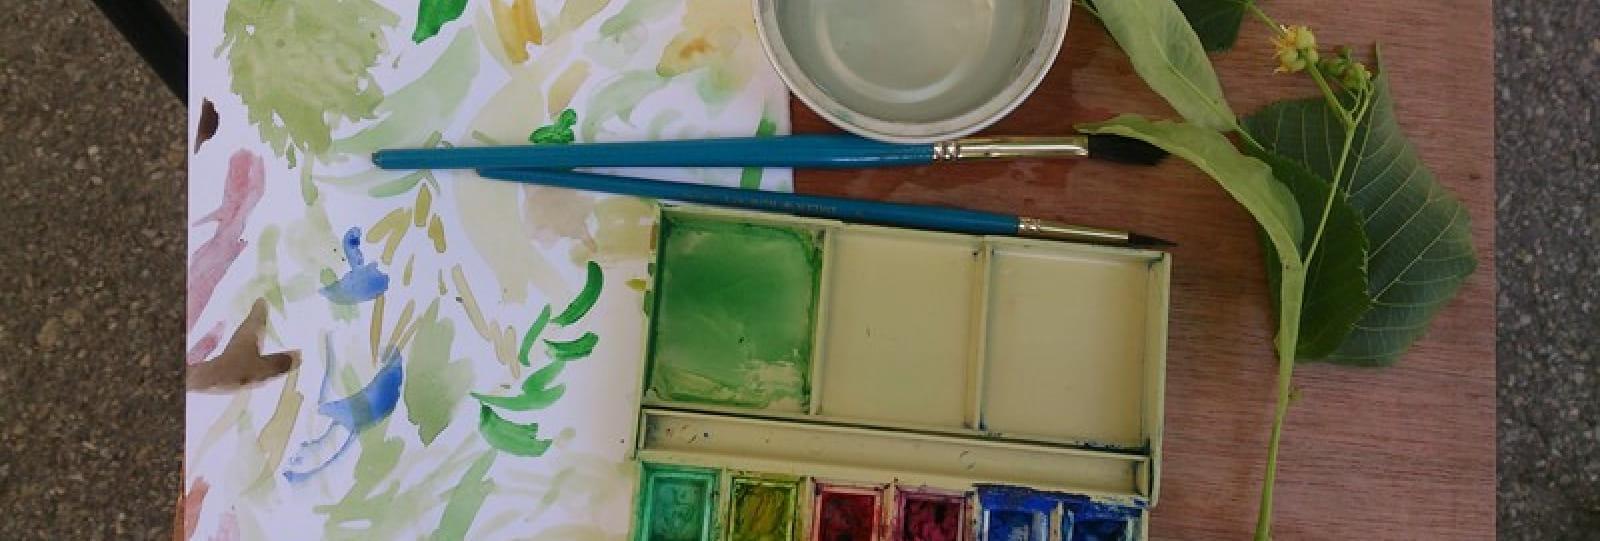 Cours et stages artistiques - Atelier Art de Vivre